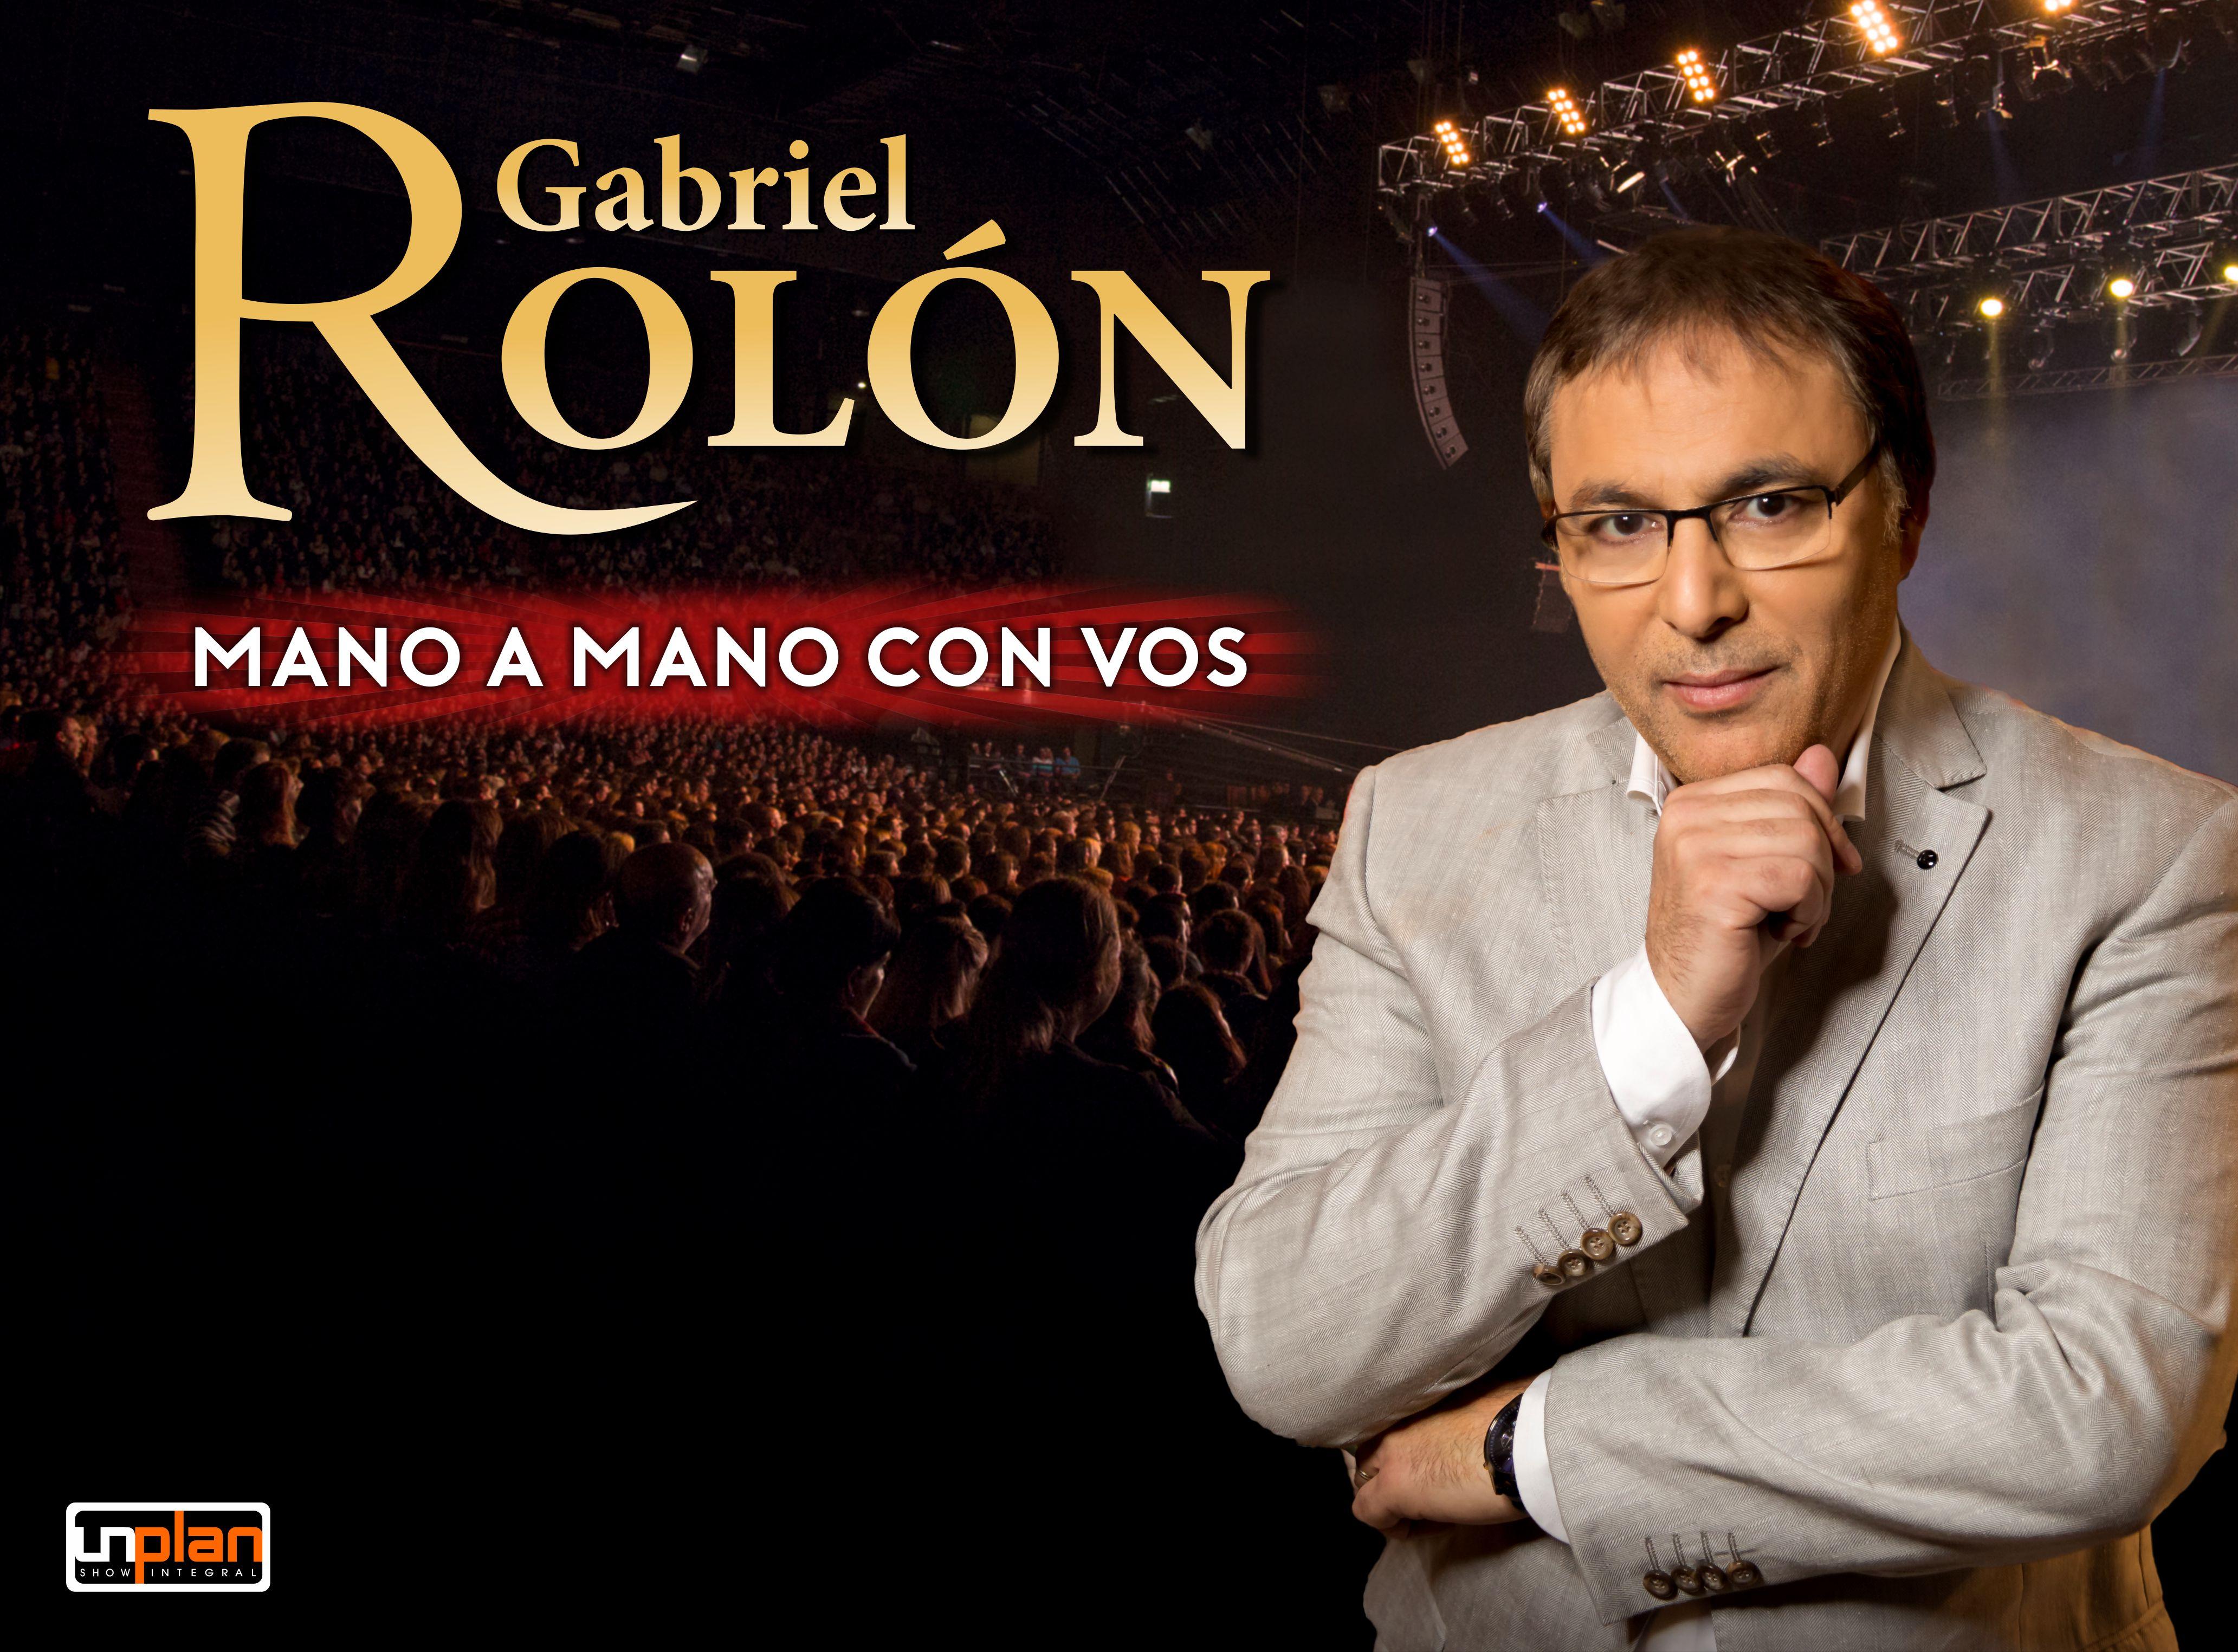 6 y 7 de diciembre-  Gabriel Rolón: mano a mano con vos